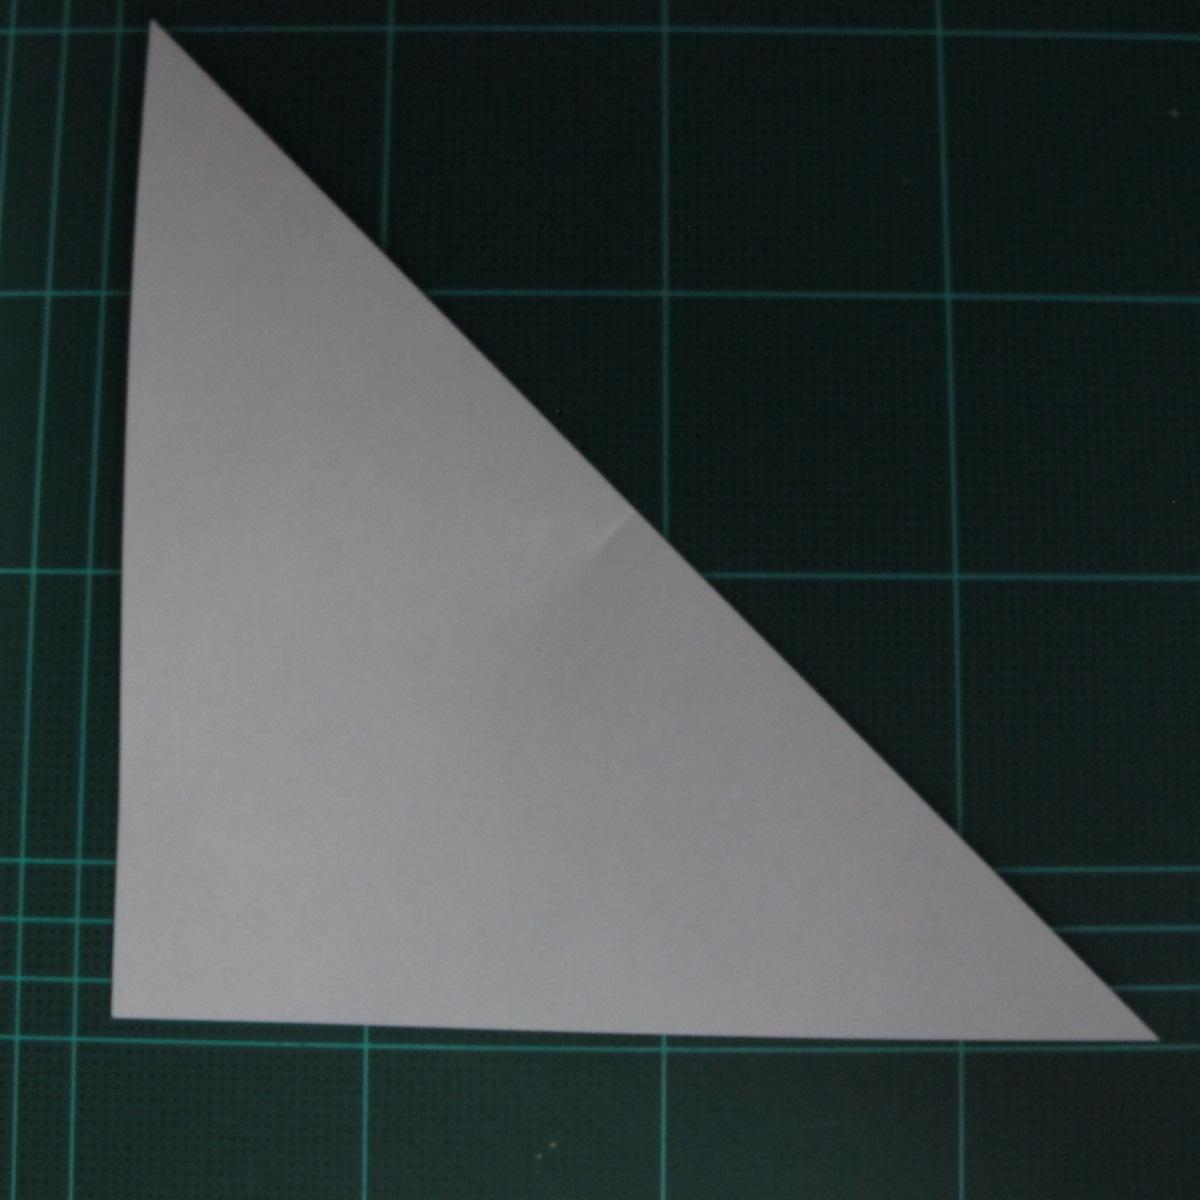 การพับกระดาษเป็นรูปเรือมังกร (Origami Dragon Boat) 005